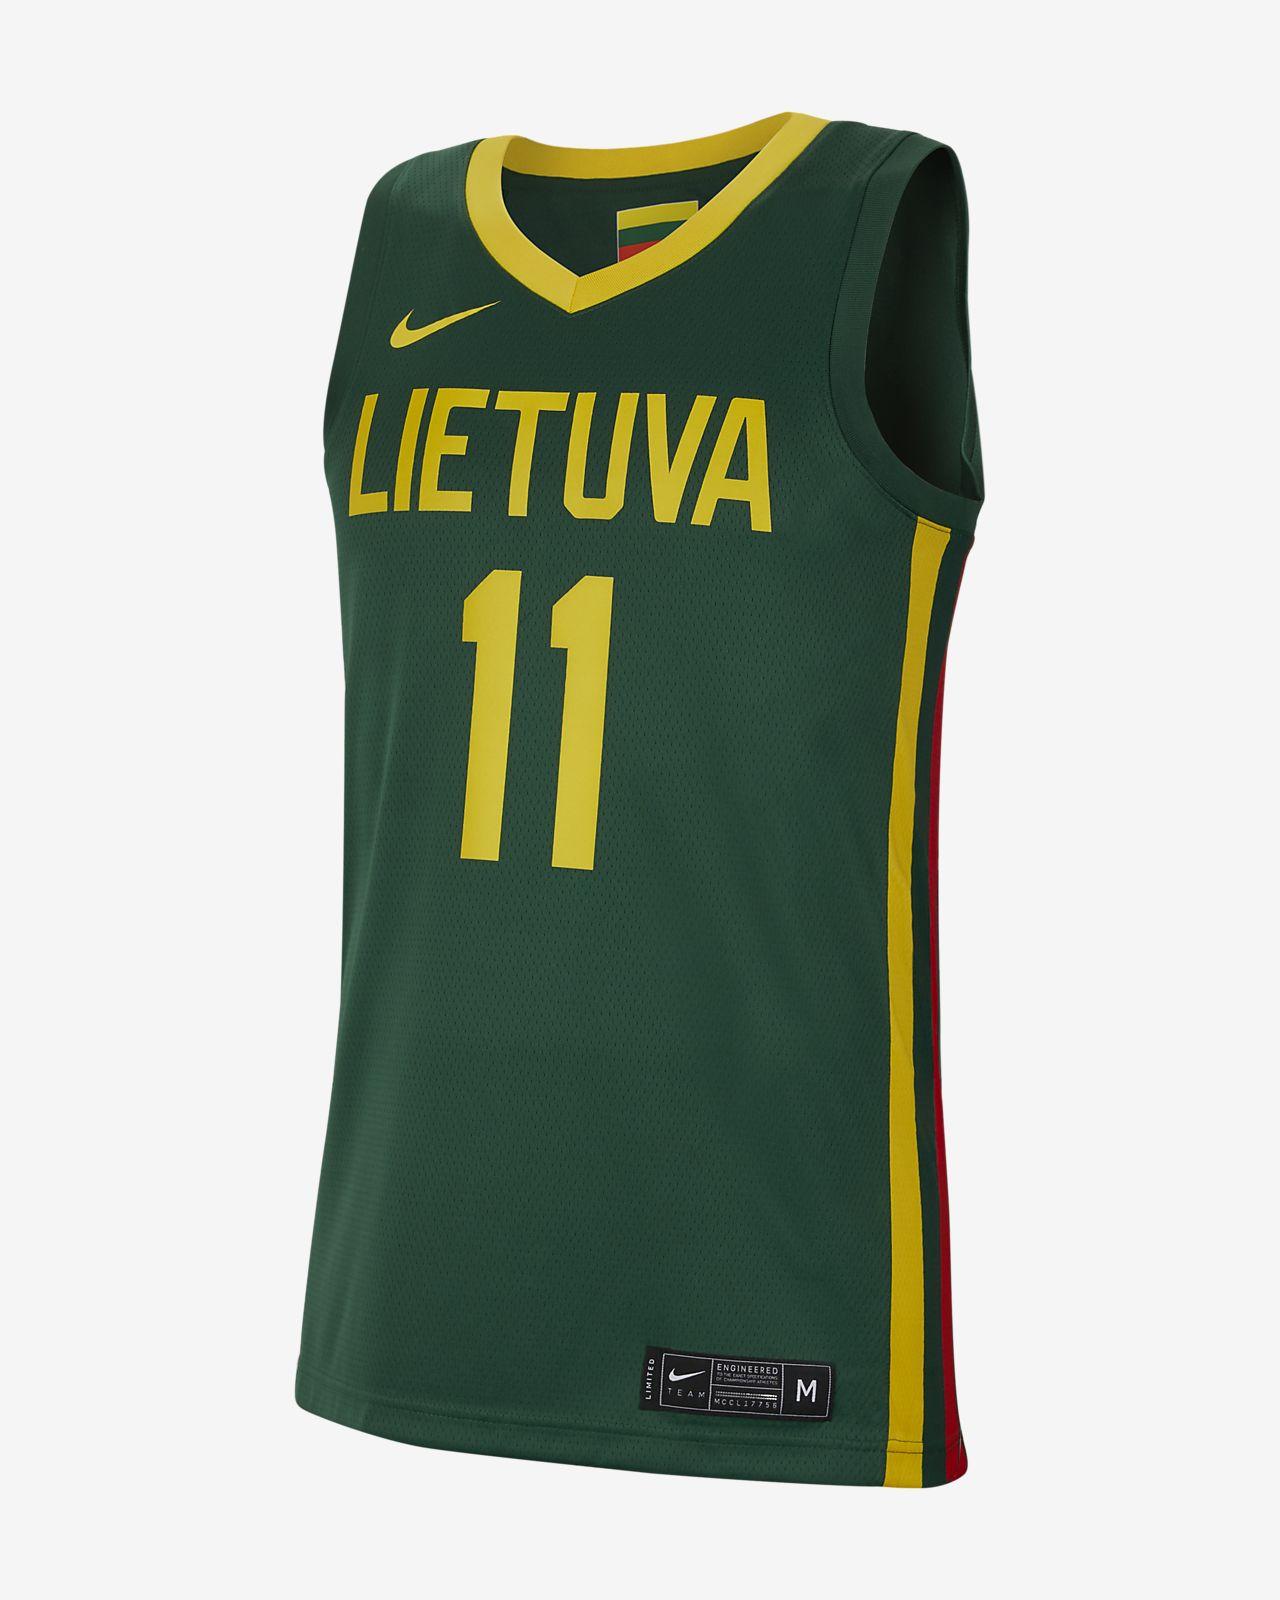 Męska koszulka do koszykówki Lithuania Nike (Road)